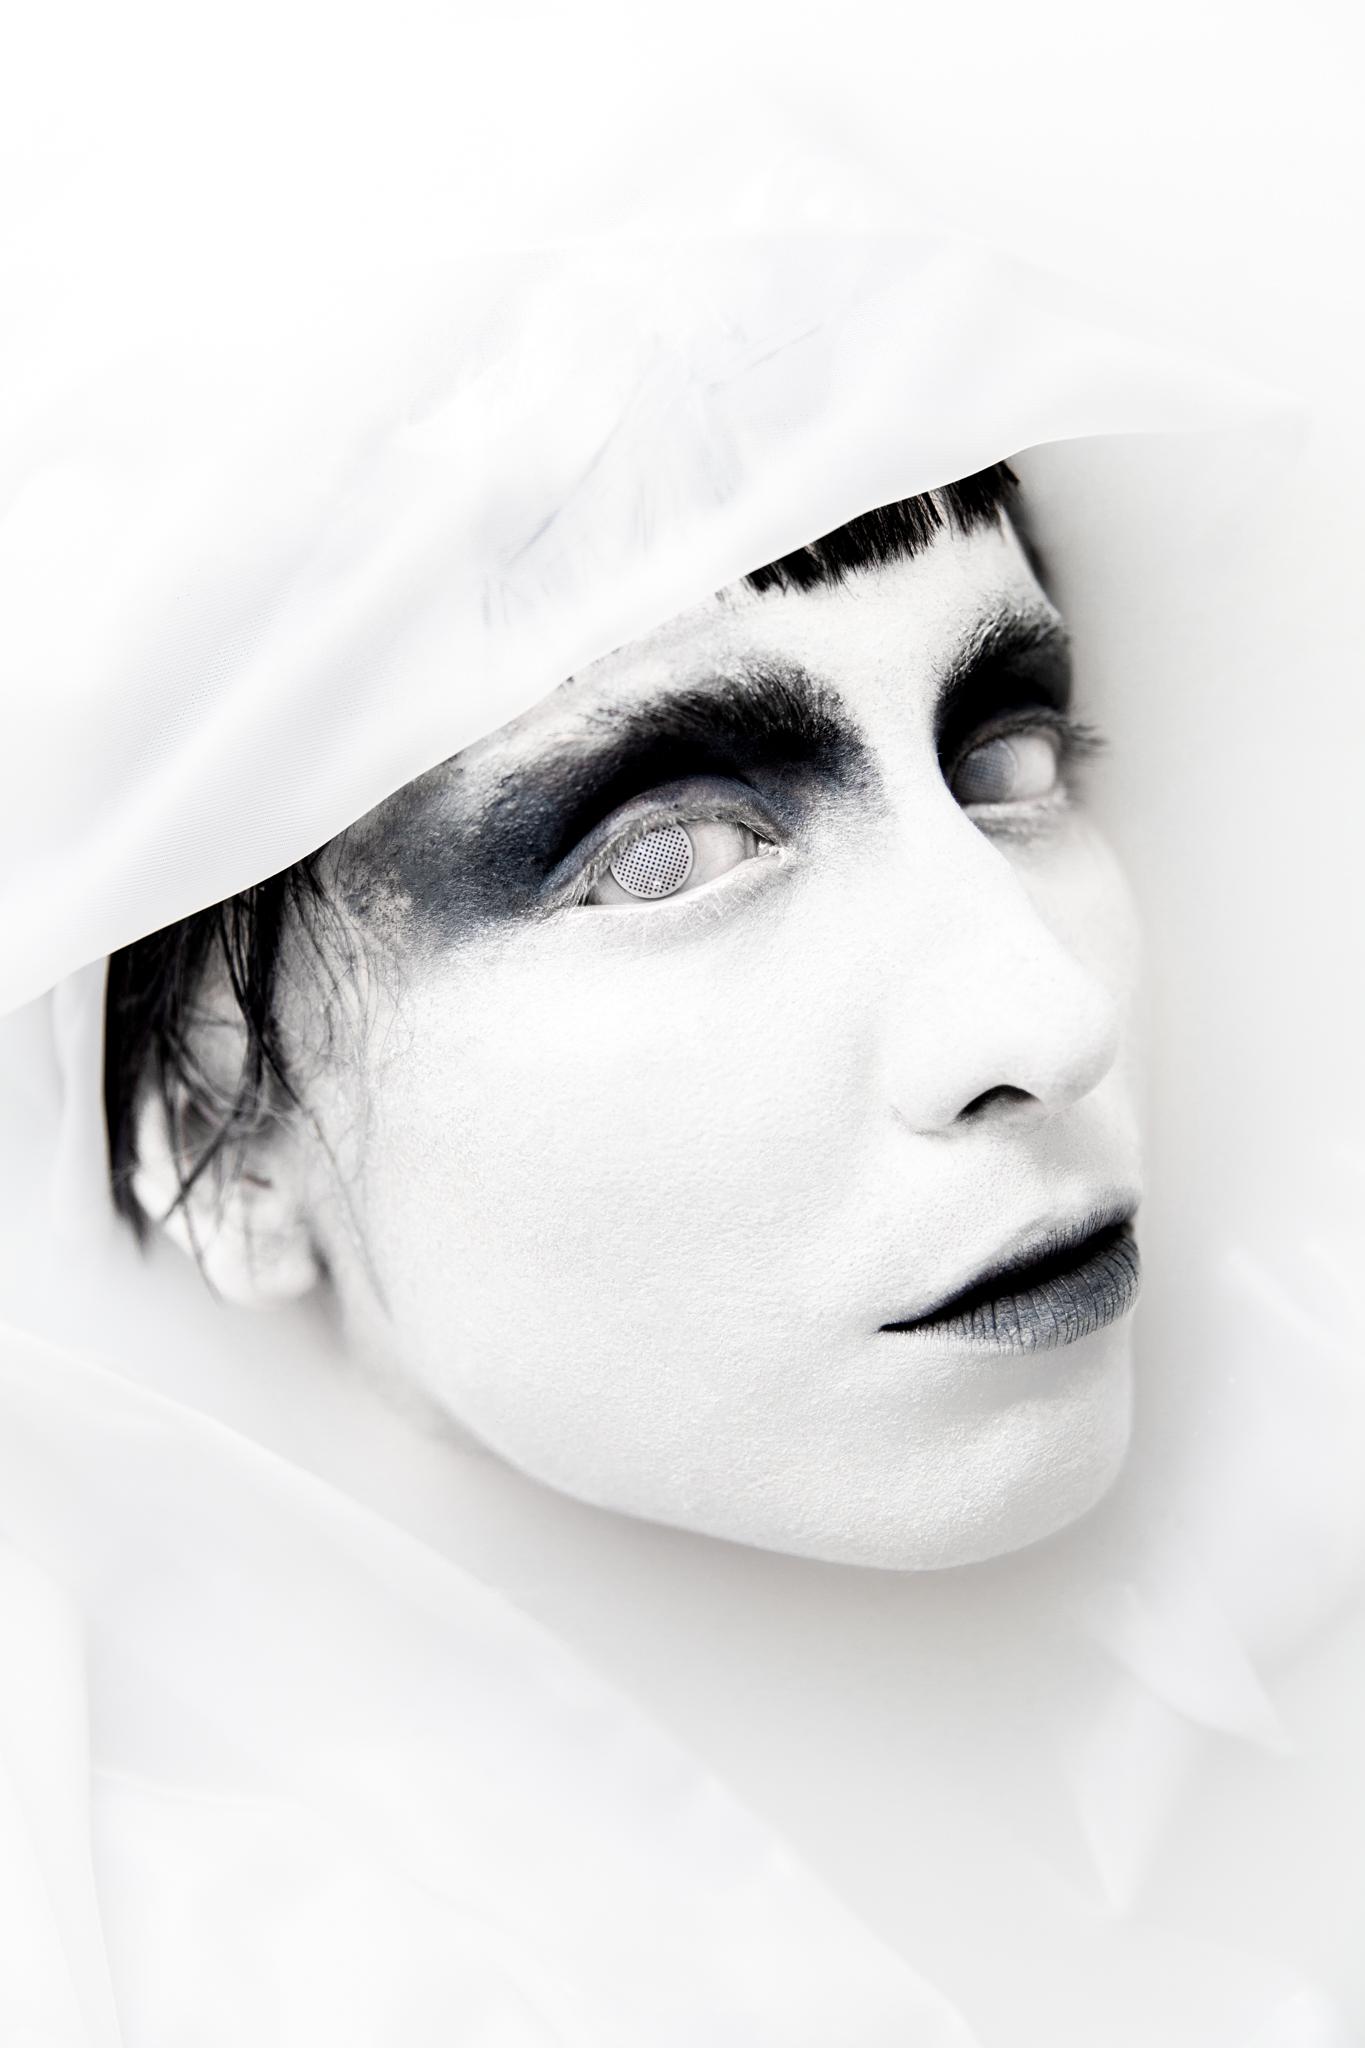 whomstudio_lisa-martin_milk-ghost_0021_2048.jpg